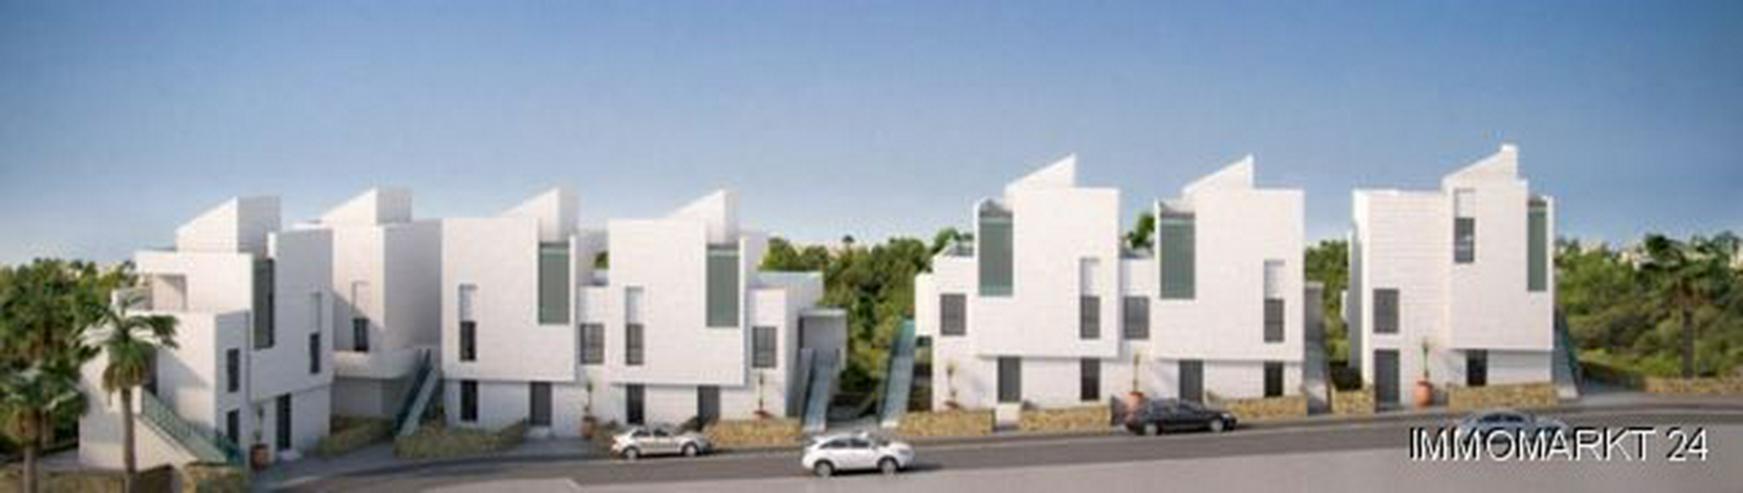 Bild 4: Exklusive 3-Schlafzimmer-Maisonette-Wohnungen in sehr schöner Golfanlage